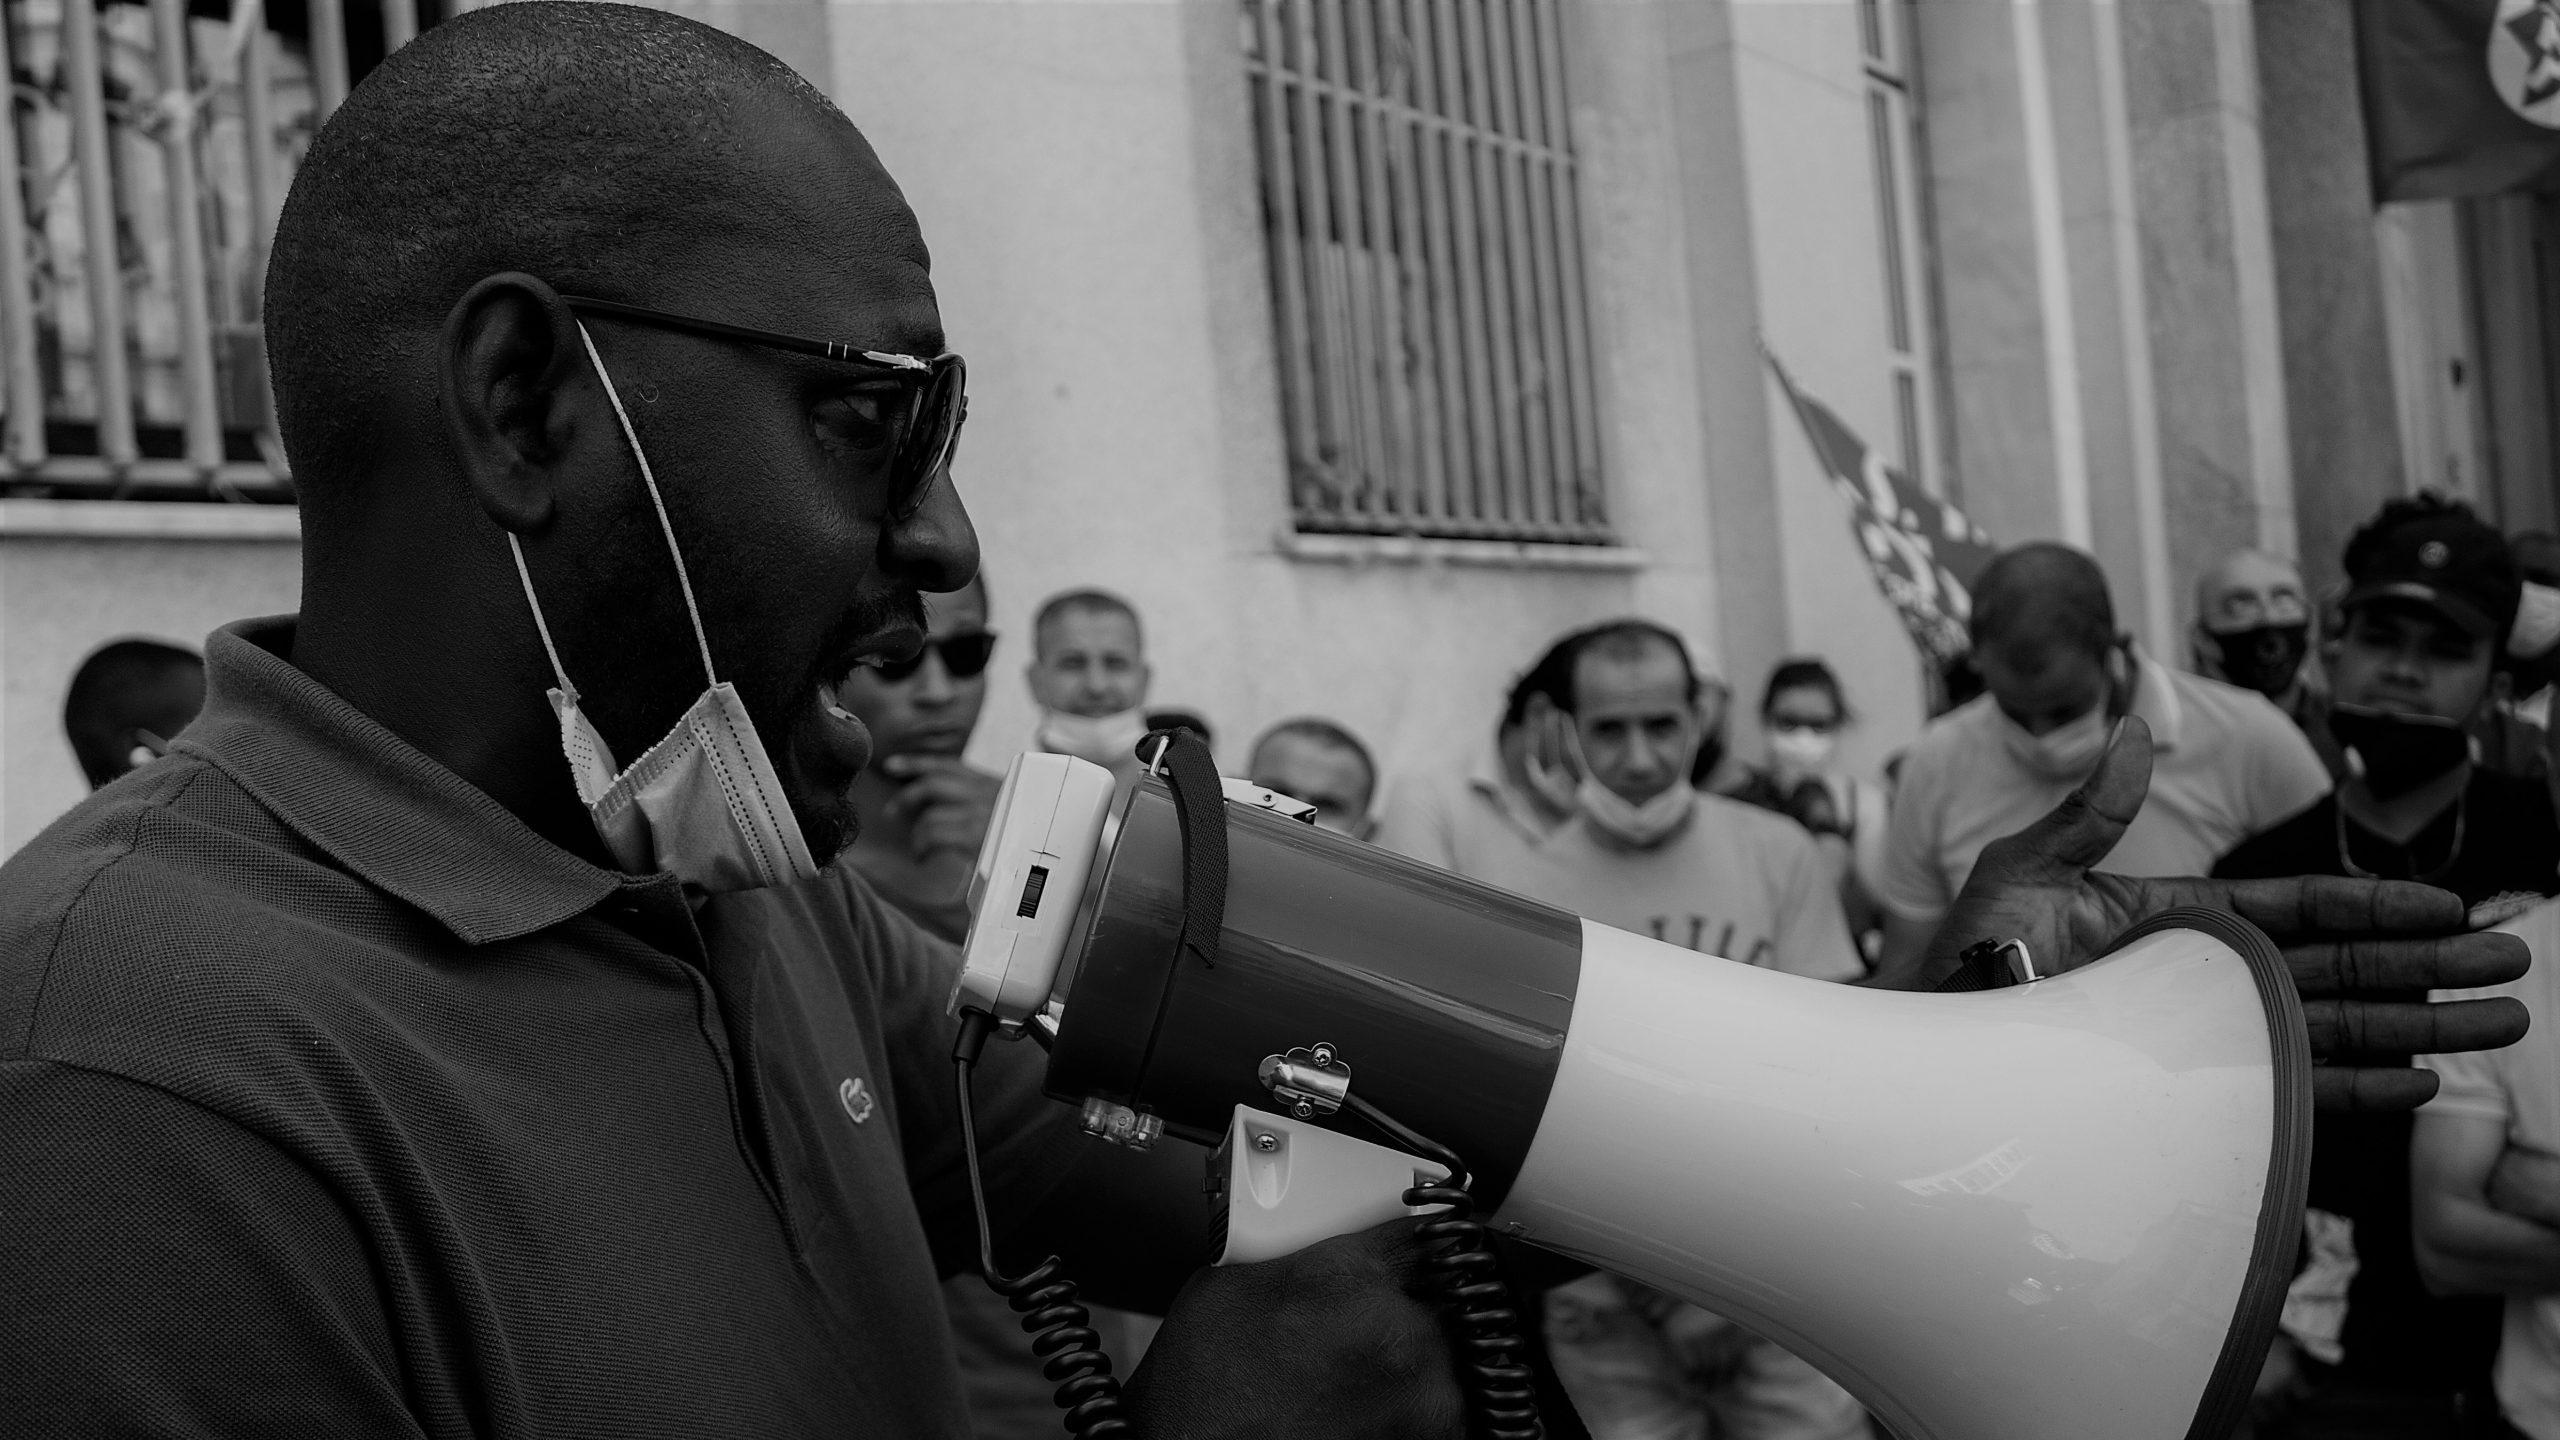 Tra ricatti e violenze, la resistenza dei lavoratori Fedex-Tnt